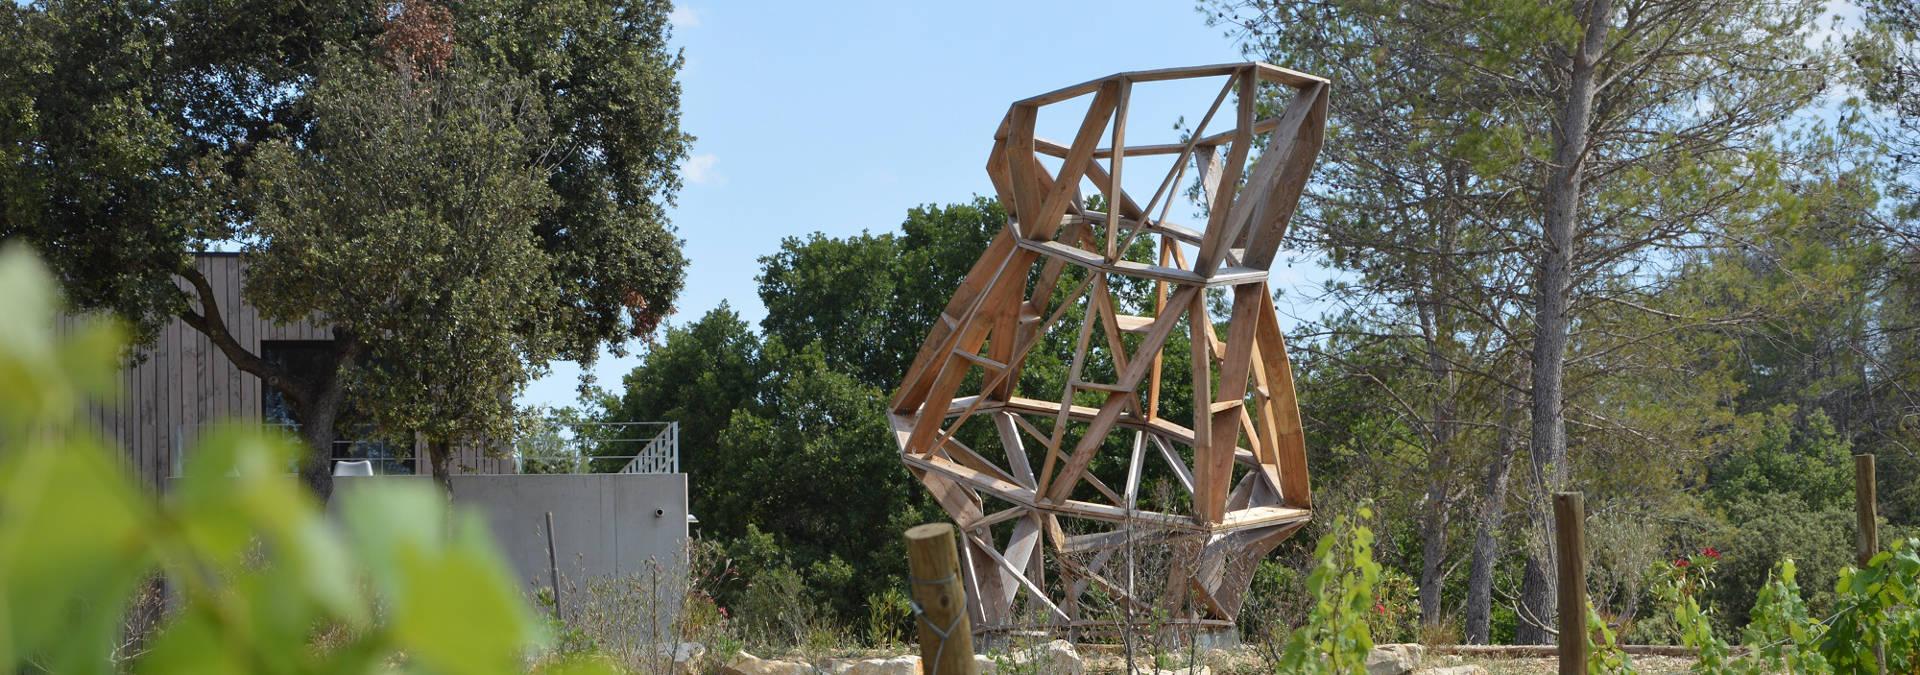 Dégustation et visite culturelle du domaine, entre art et architecture